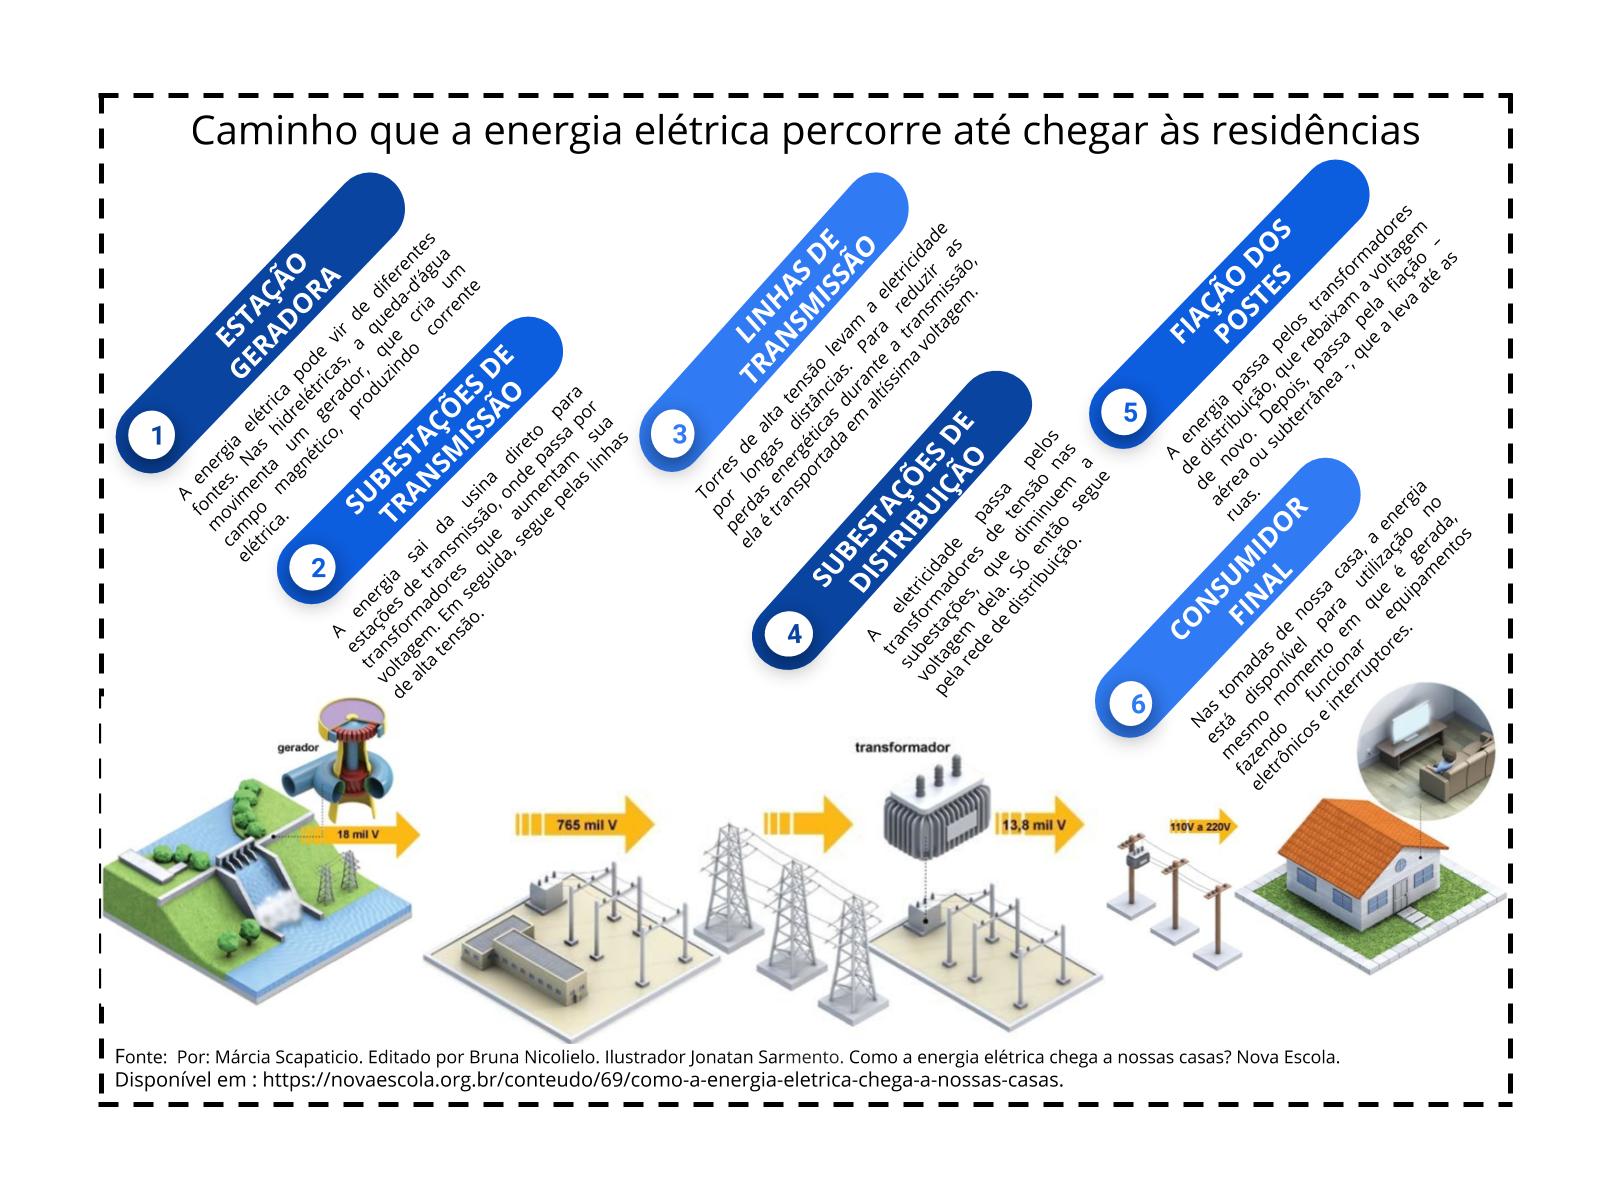 O caminho da energia elétrica